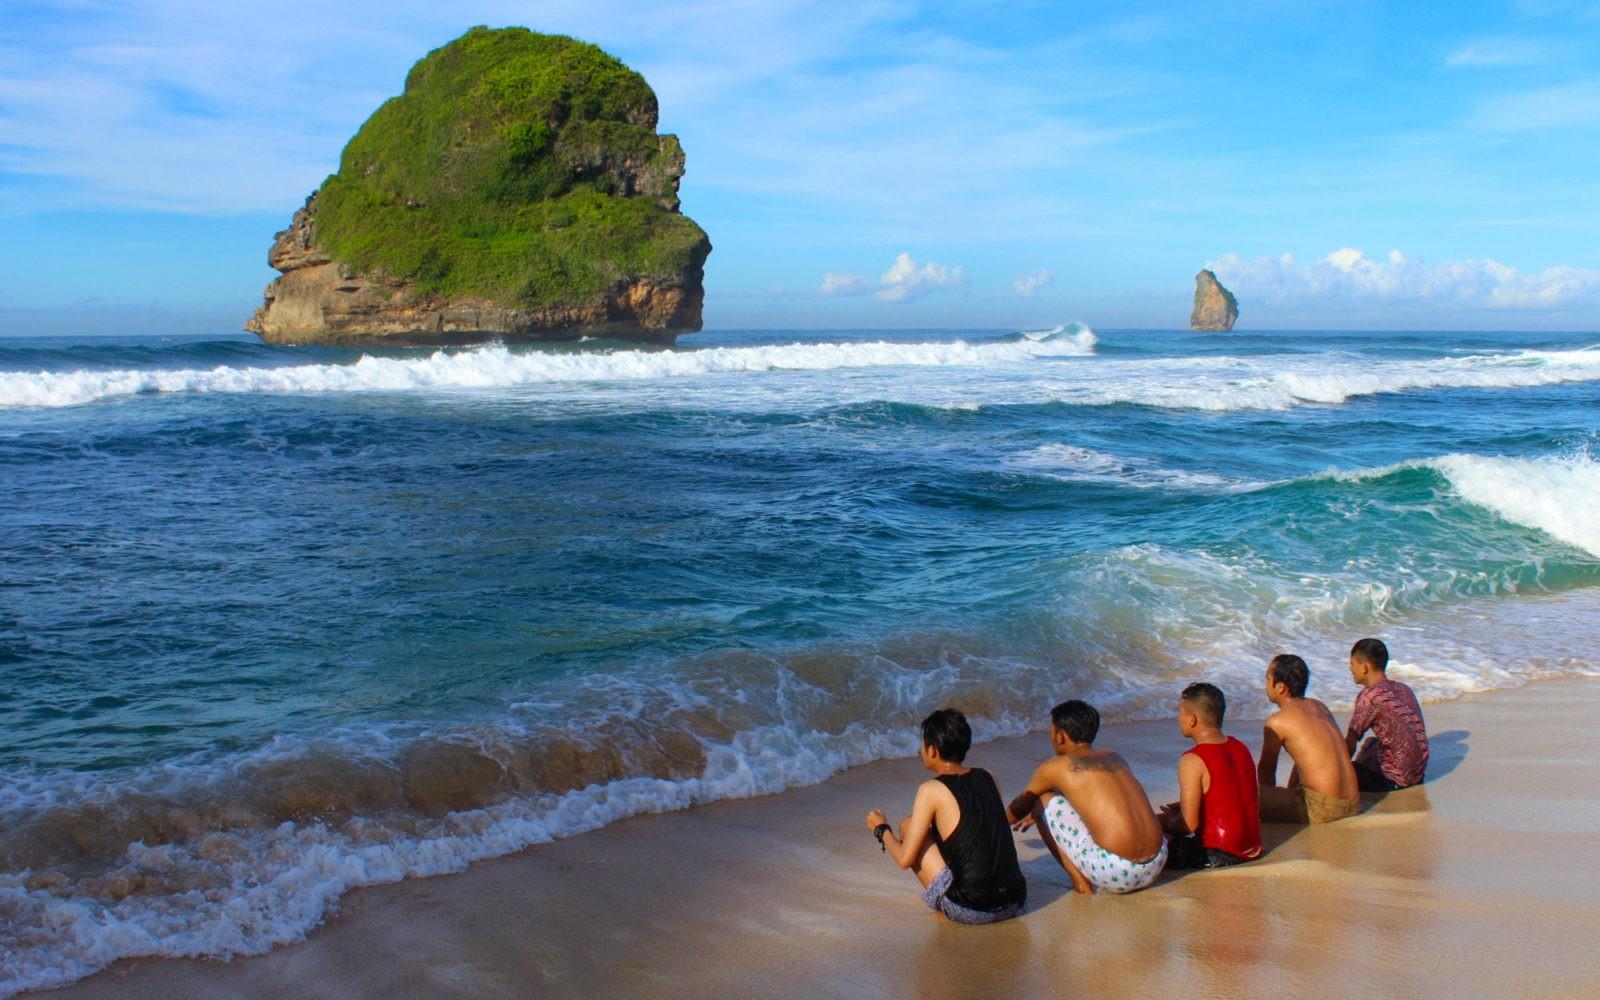 Pantai Goa Cina Tiket Ragam Aktivitas September 2020 Travelspromo